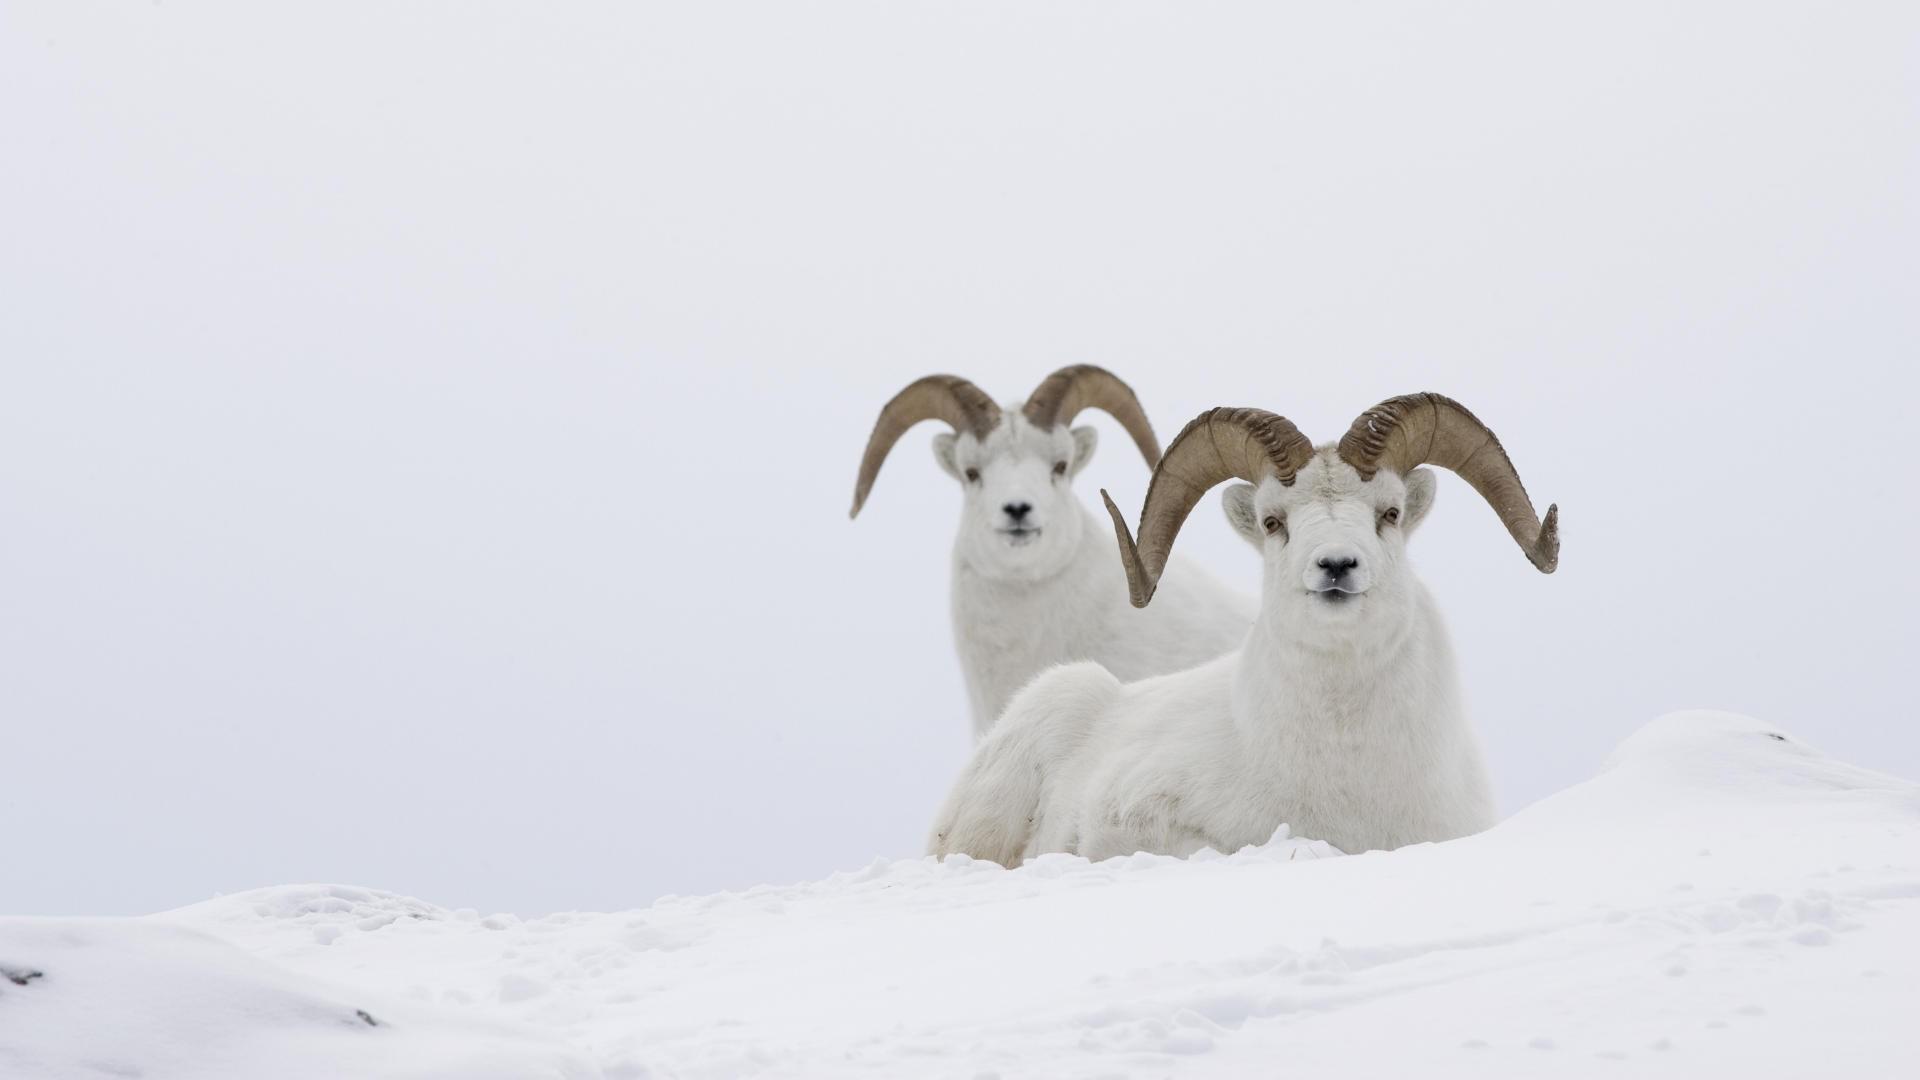 高清自然动物图片素材电脑桌面壁纸下载